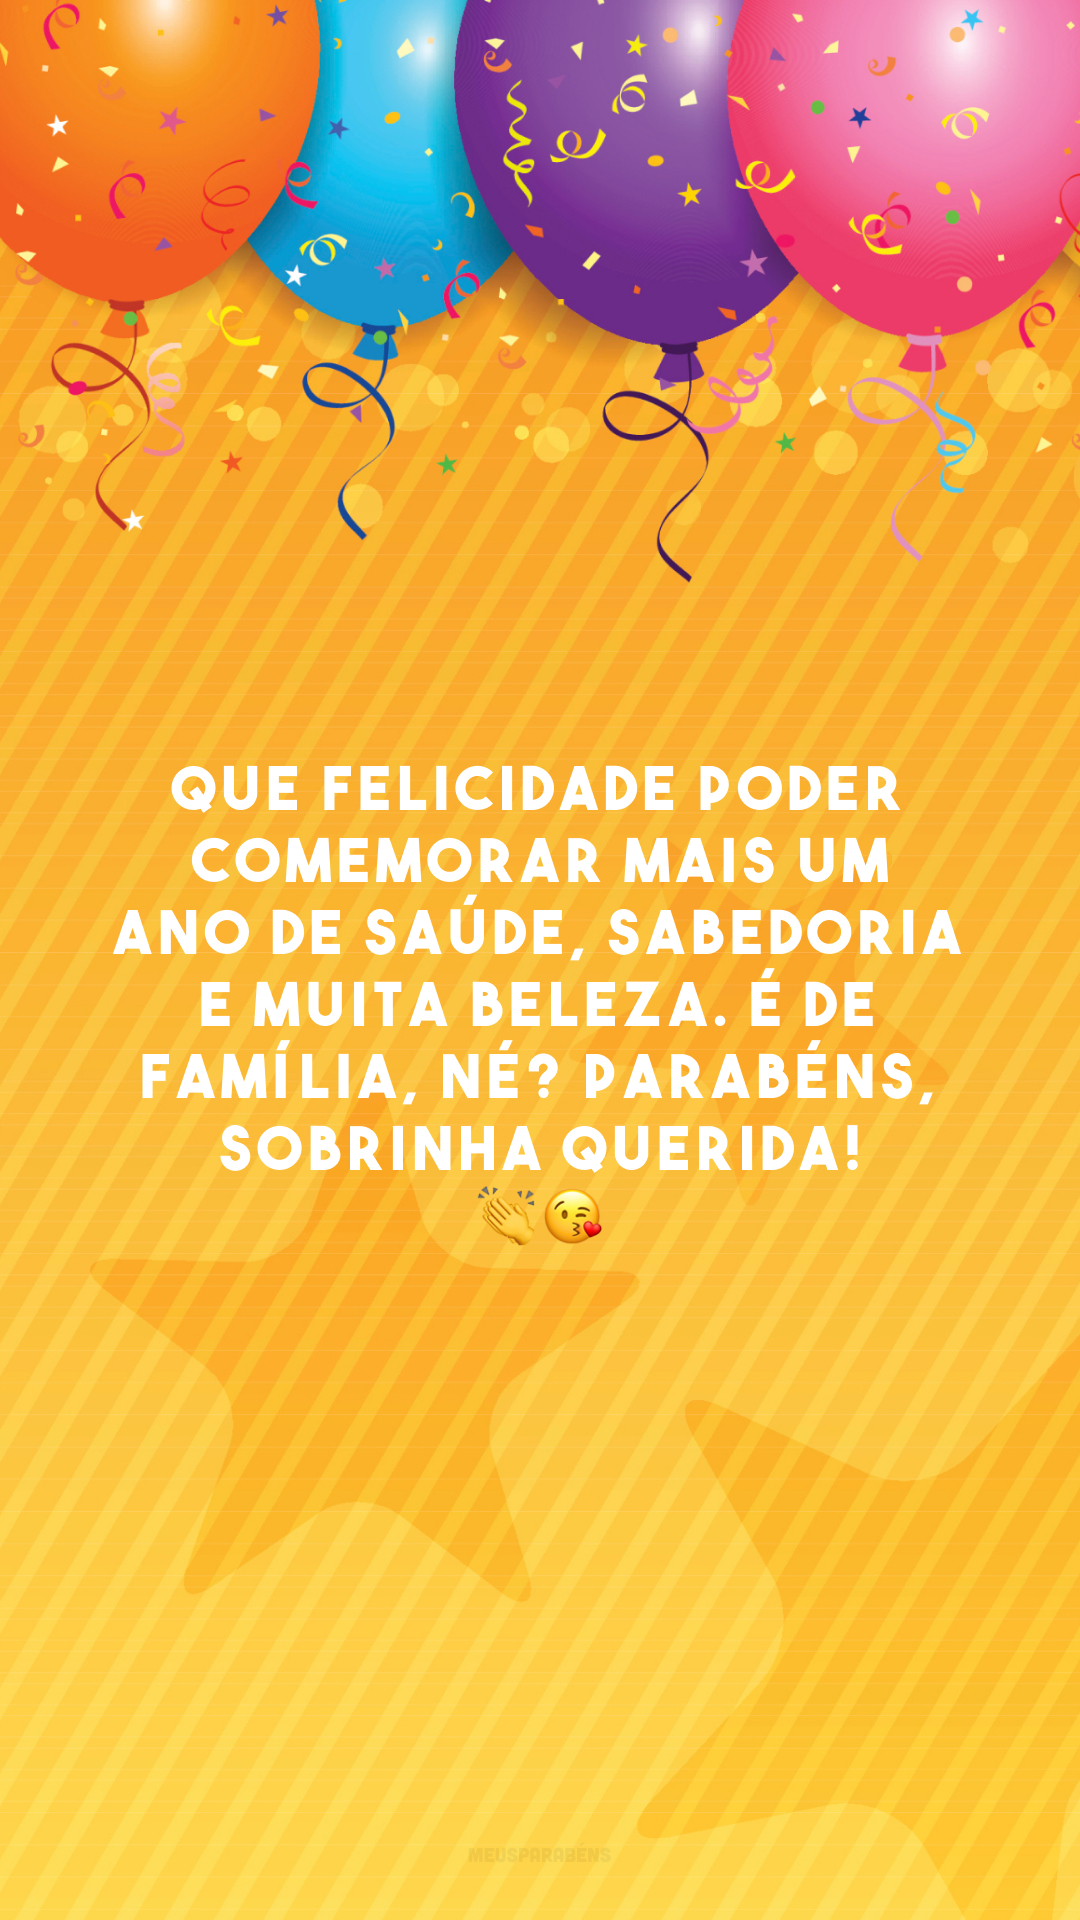 Que felicidade poder comemorar mais um ano de saúde, sabedoria e muita beleza. É de família, né? Parabéns, sobrinha querida! 👏😘